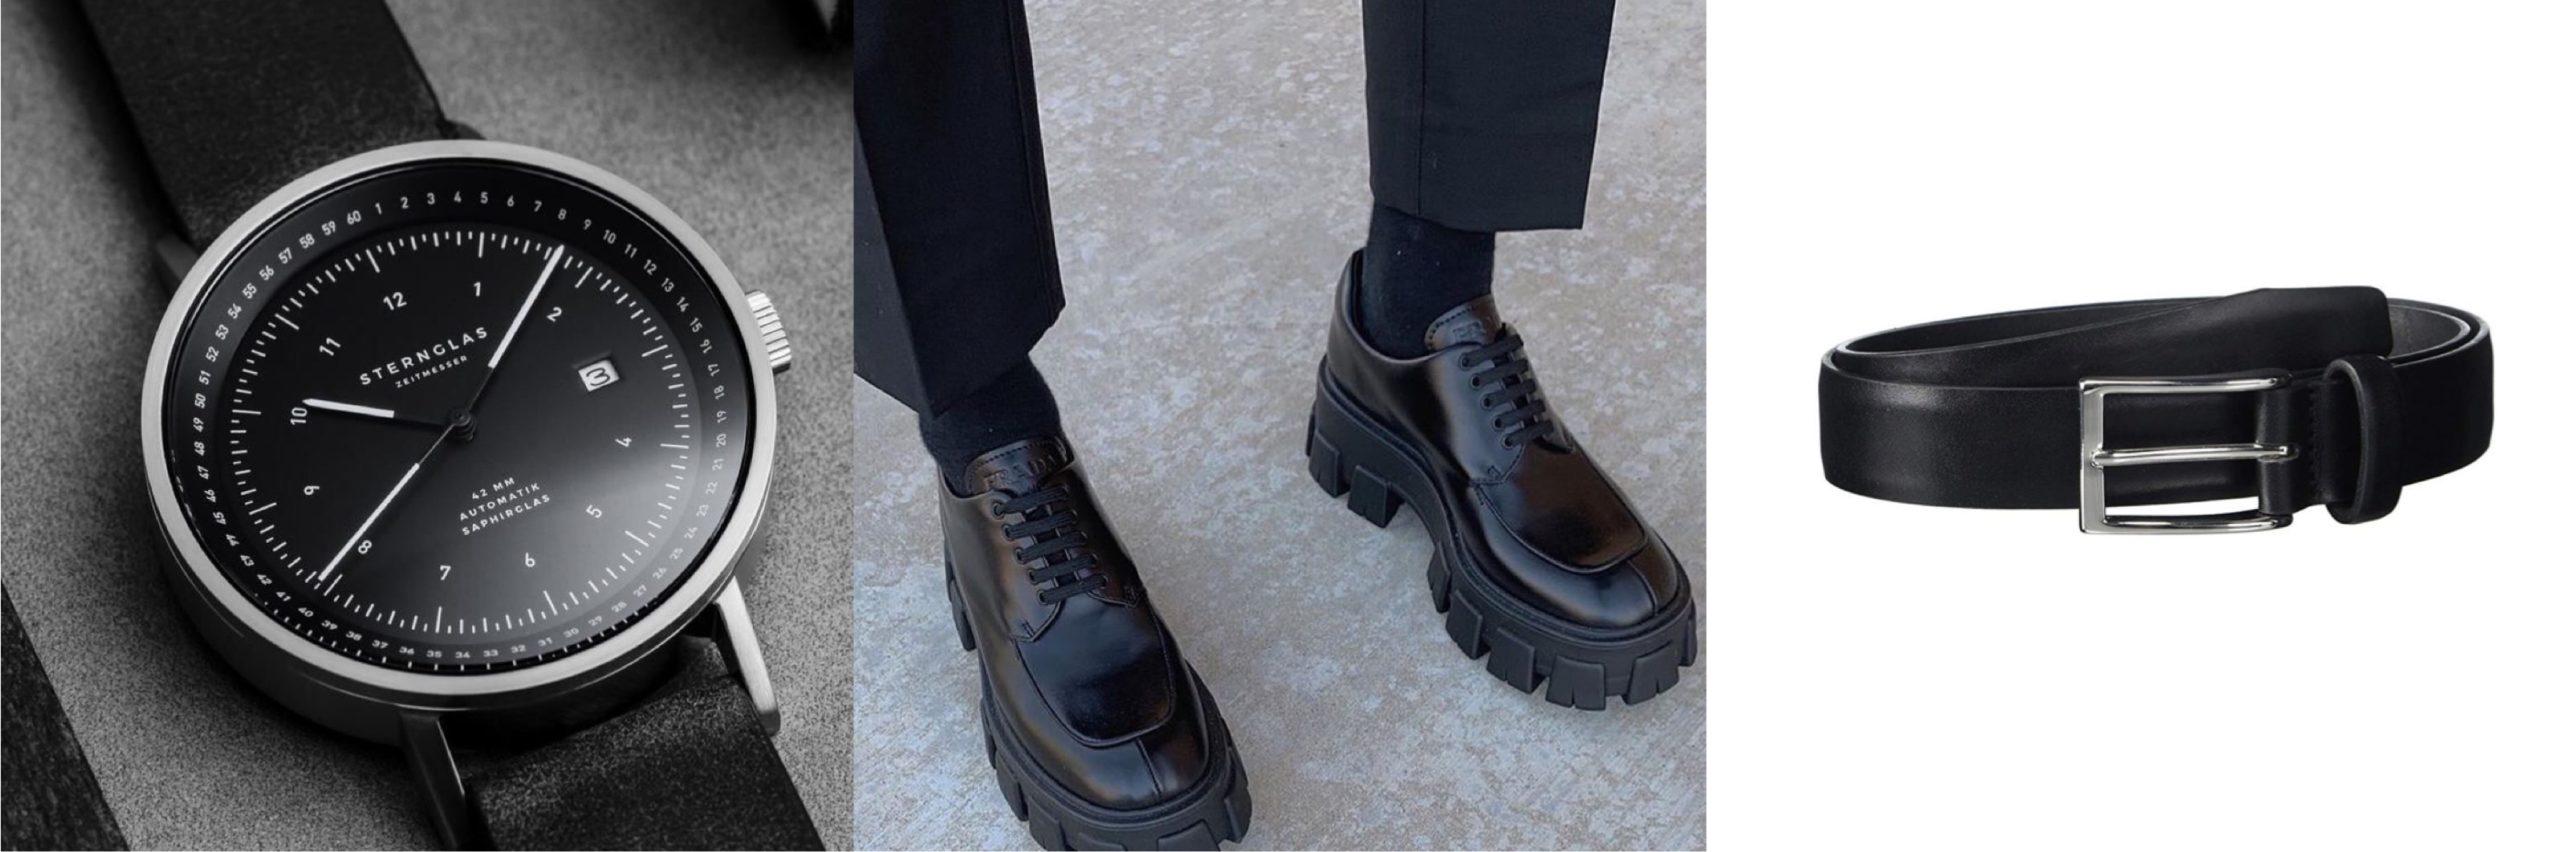 皮帶與皮鞋呼應色